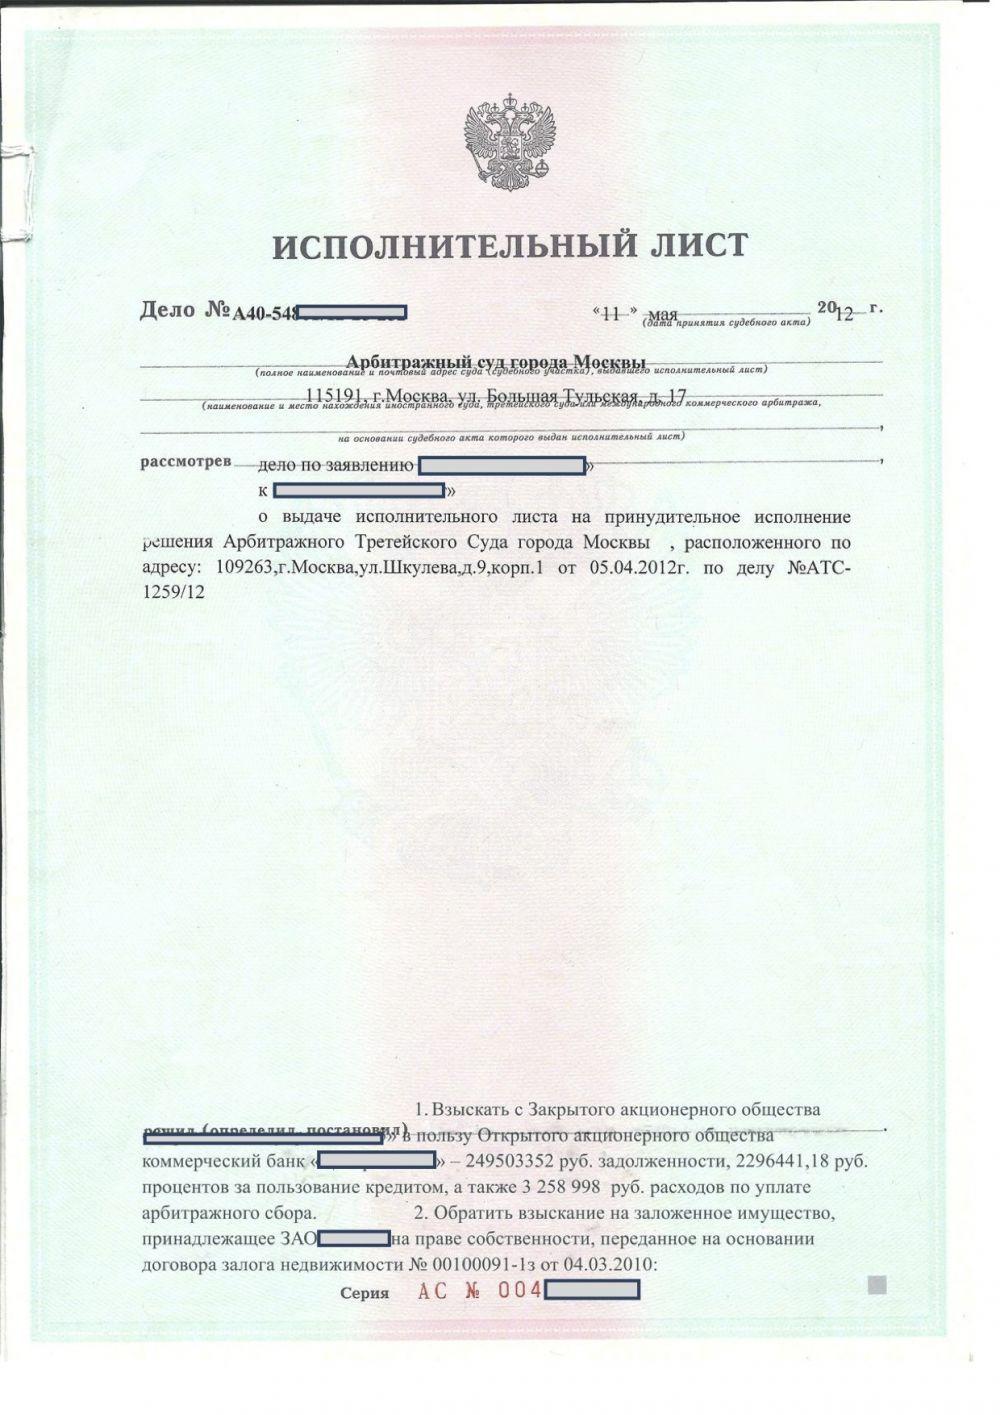 Докладная записка о невыполнении должностных обязанностей образец